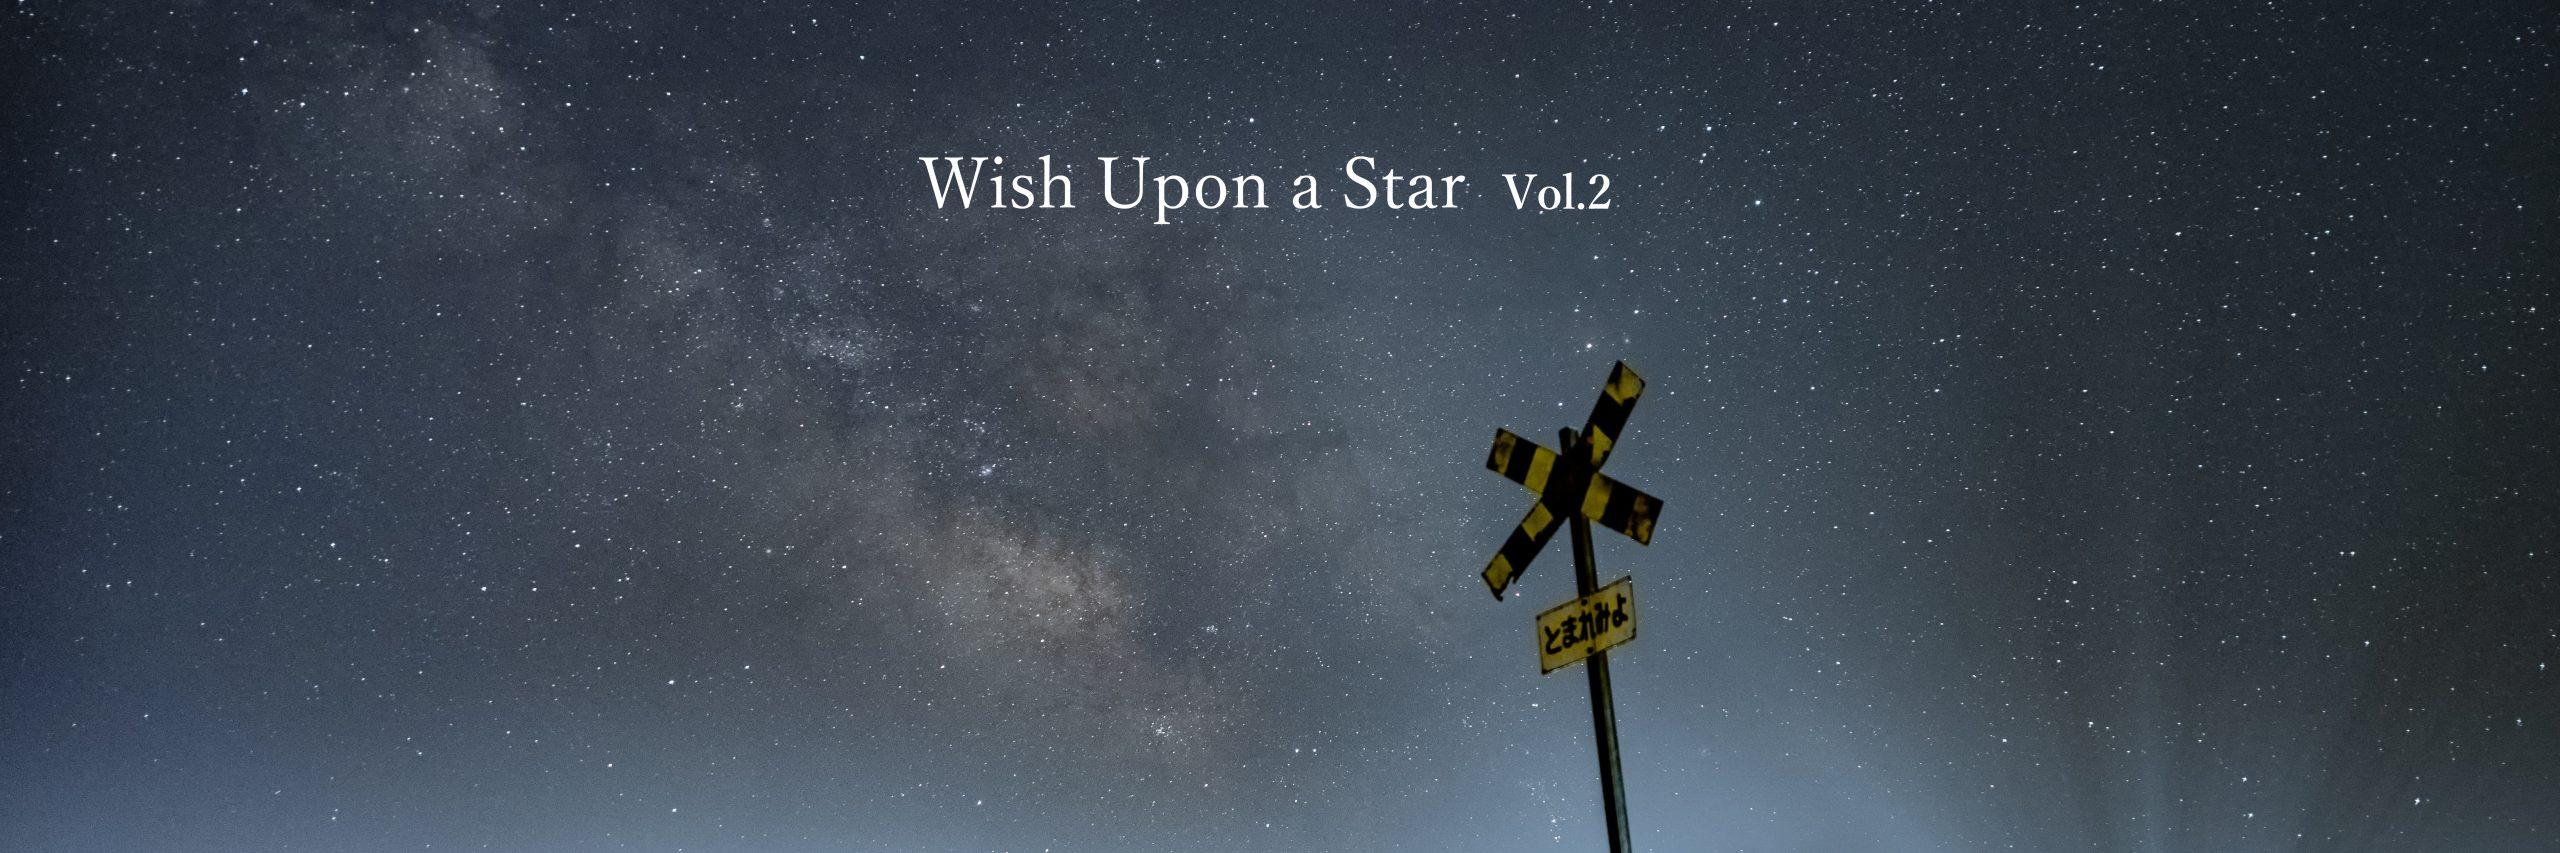 【Wish Upon a Star】Vol.2 大きなキャンパスに描く星空